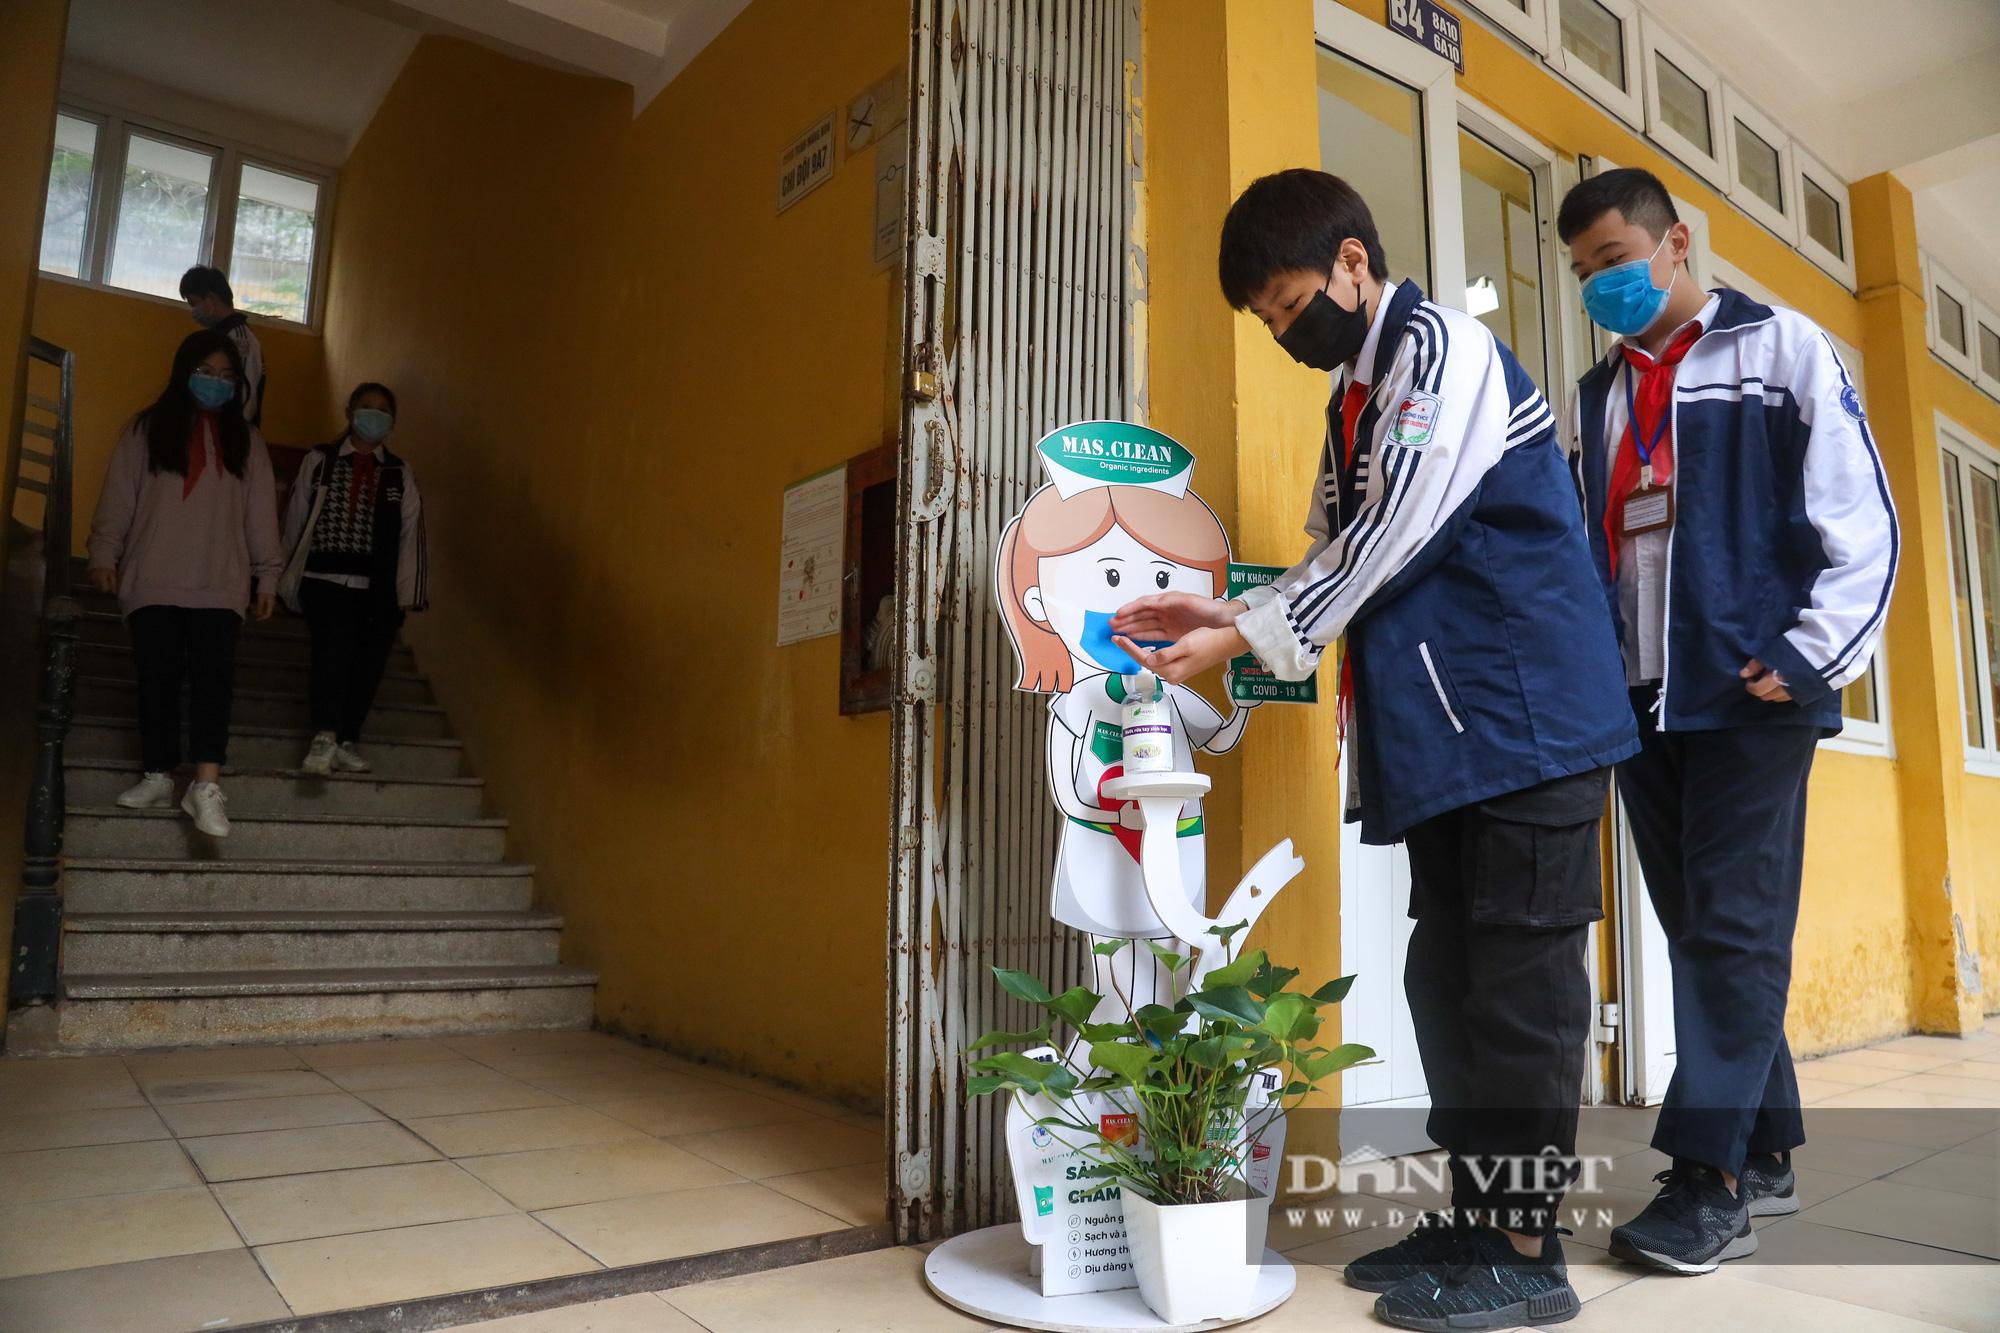 Đi học trở lại sau 30 ngày nghỉ Tết, học sinh Hà Nội được nhận lì xì - Ảnh 6.